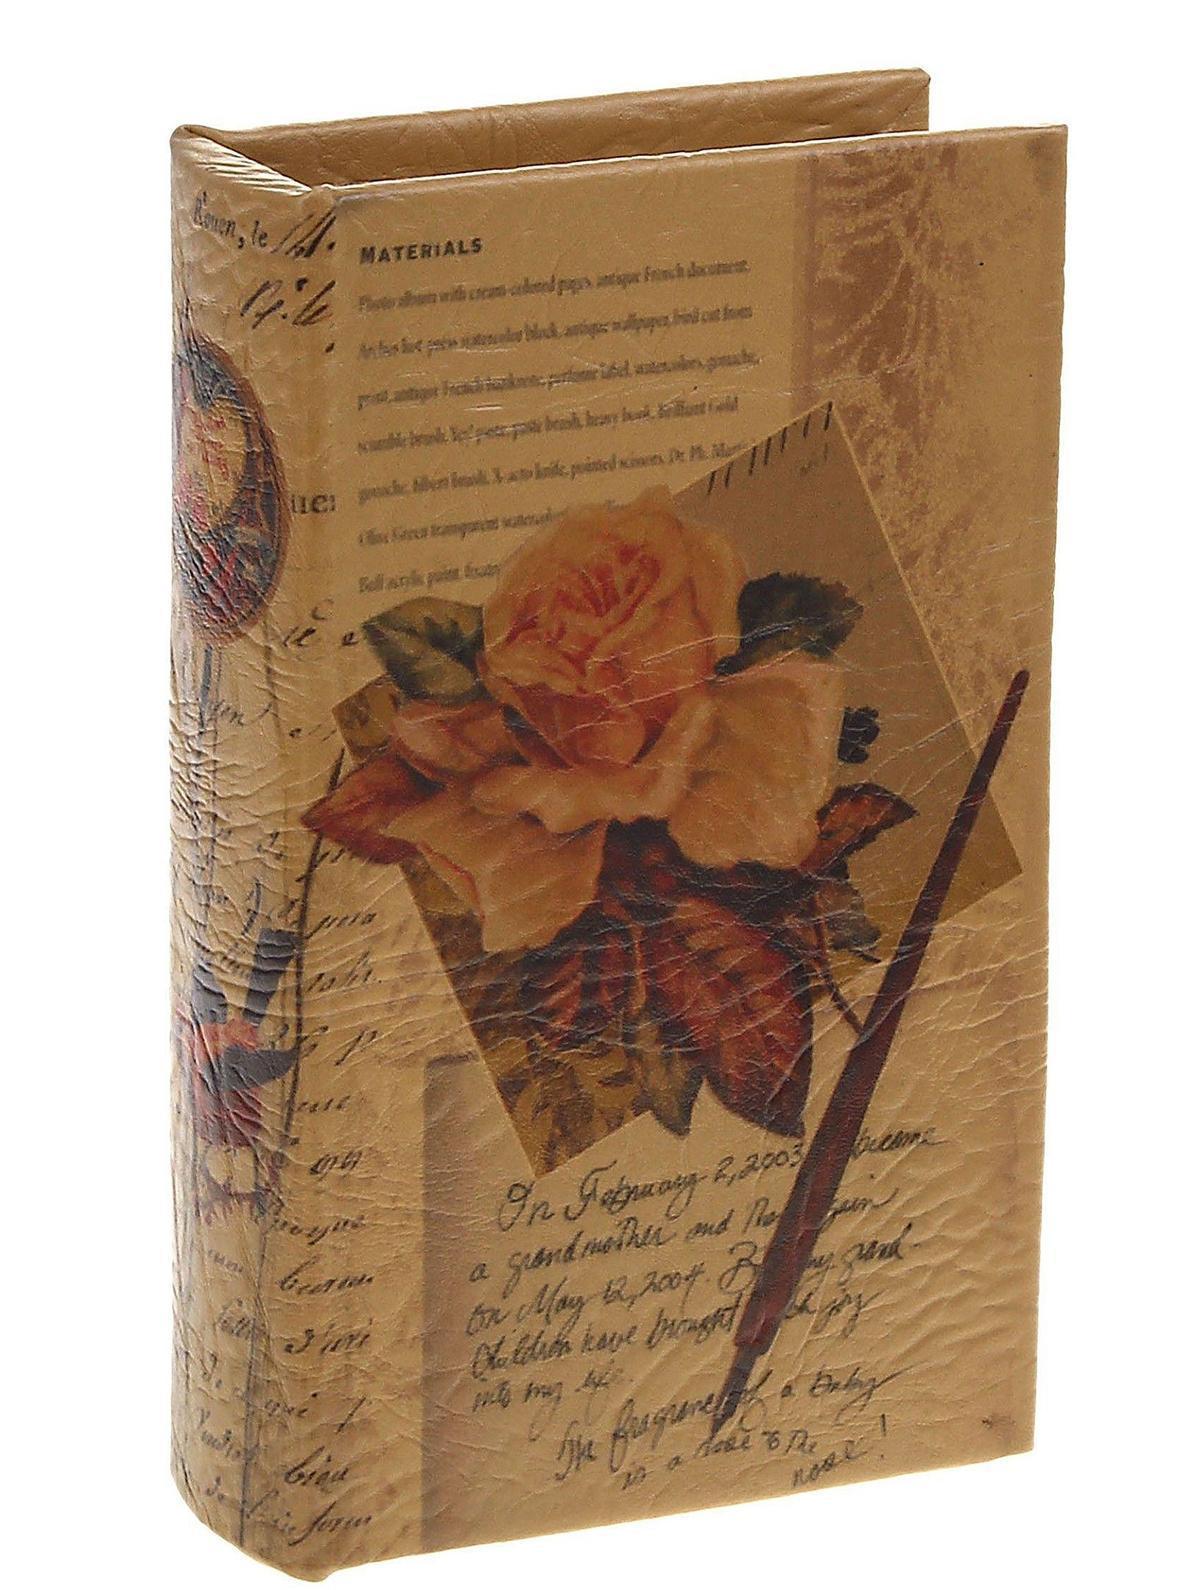 Книга-сейф Письма. 521825521825Этот оригинальный сувенир выполнен в виде книги, содержащей внутри металлический сейф, надежно закрывающийся на ключ. Обложка выполнена из плотного картона и пластика. Снаружи книга-сейф обита кожей, украшенной цветочным рисунком и строчками из писем. Книга-сейф предназначена для хранения необходимых мелочей и может послужить отличным подарком для ваших друзей и близких. В комплекте два ключа для книги-сейфа. Характеристики: Материал: дерево, металл, искусственная кожа. Размер сейфа-книги: 17 см х 11 см х 5 см. Внутренний размер сейфа-книги: 13,5 см х 7,5 см х 4 см. Количество ключей от сейфа-книги: 2. Размер упаковки: 18 см х 12 см х 6 см. Цвет: светло-коричневый. Артикул: 521825.